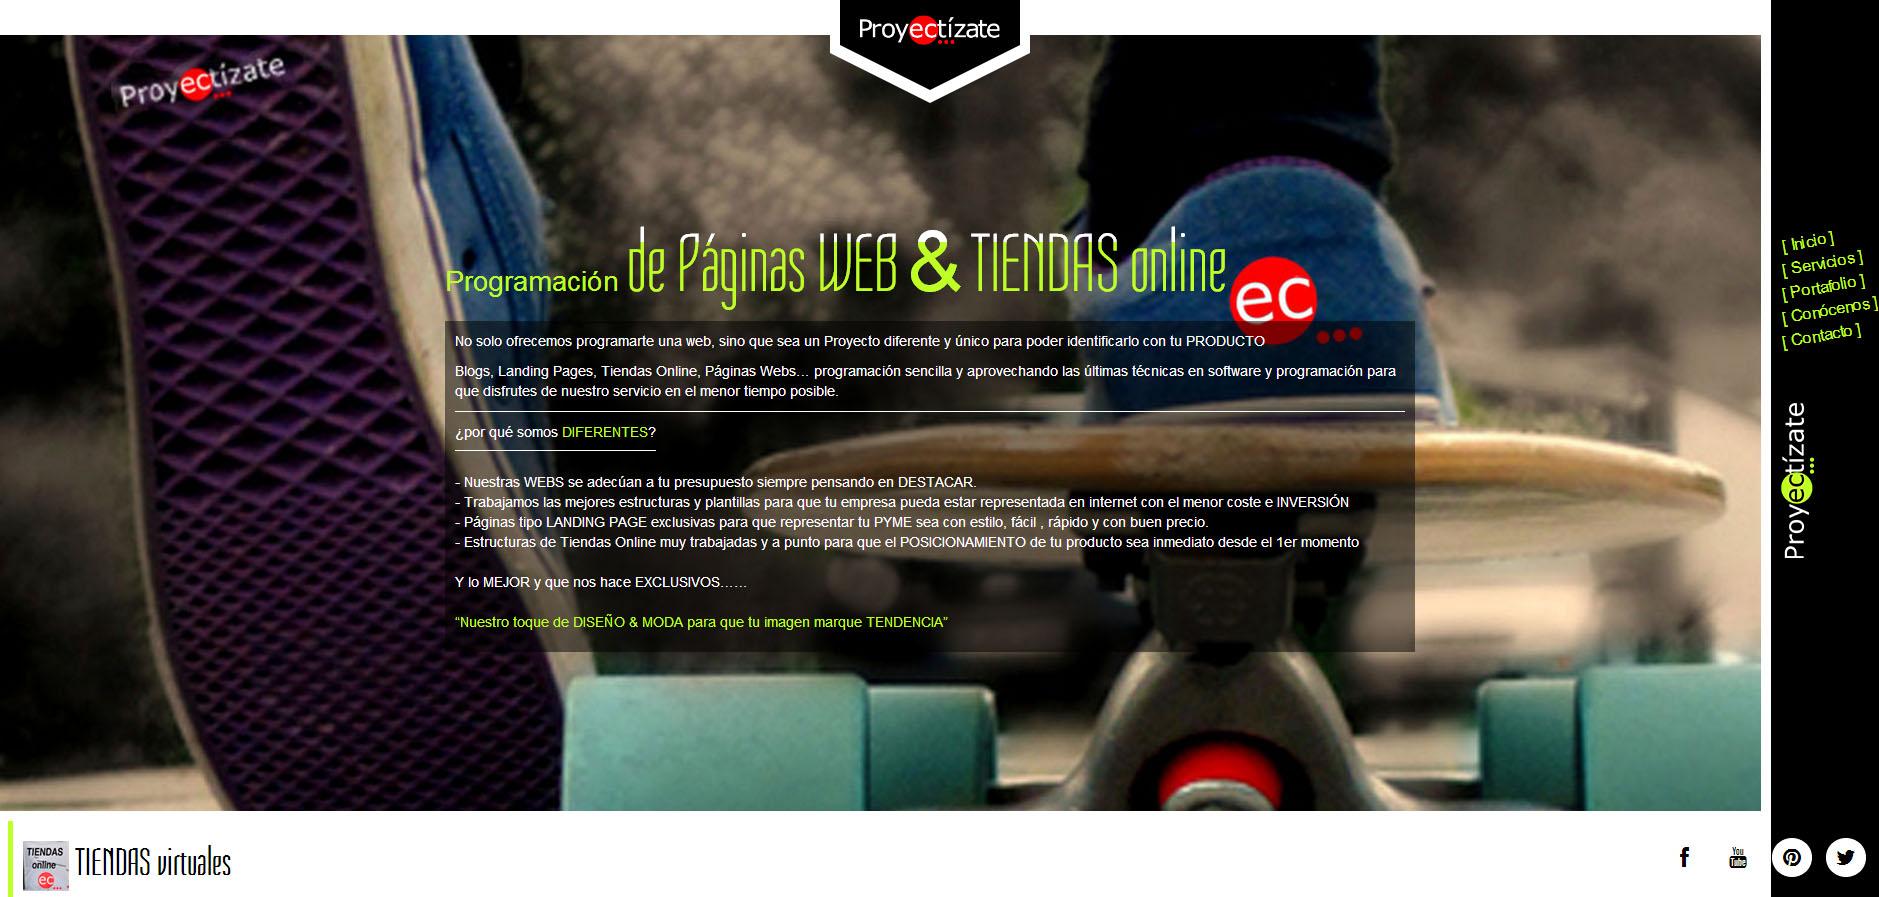 Tiendas-Online-alcoy-ibi-elche-albaida-ontinyent-xativa-benidorm-murcia-alicante-araceli-gisbert-proyectizate